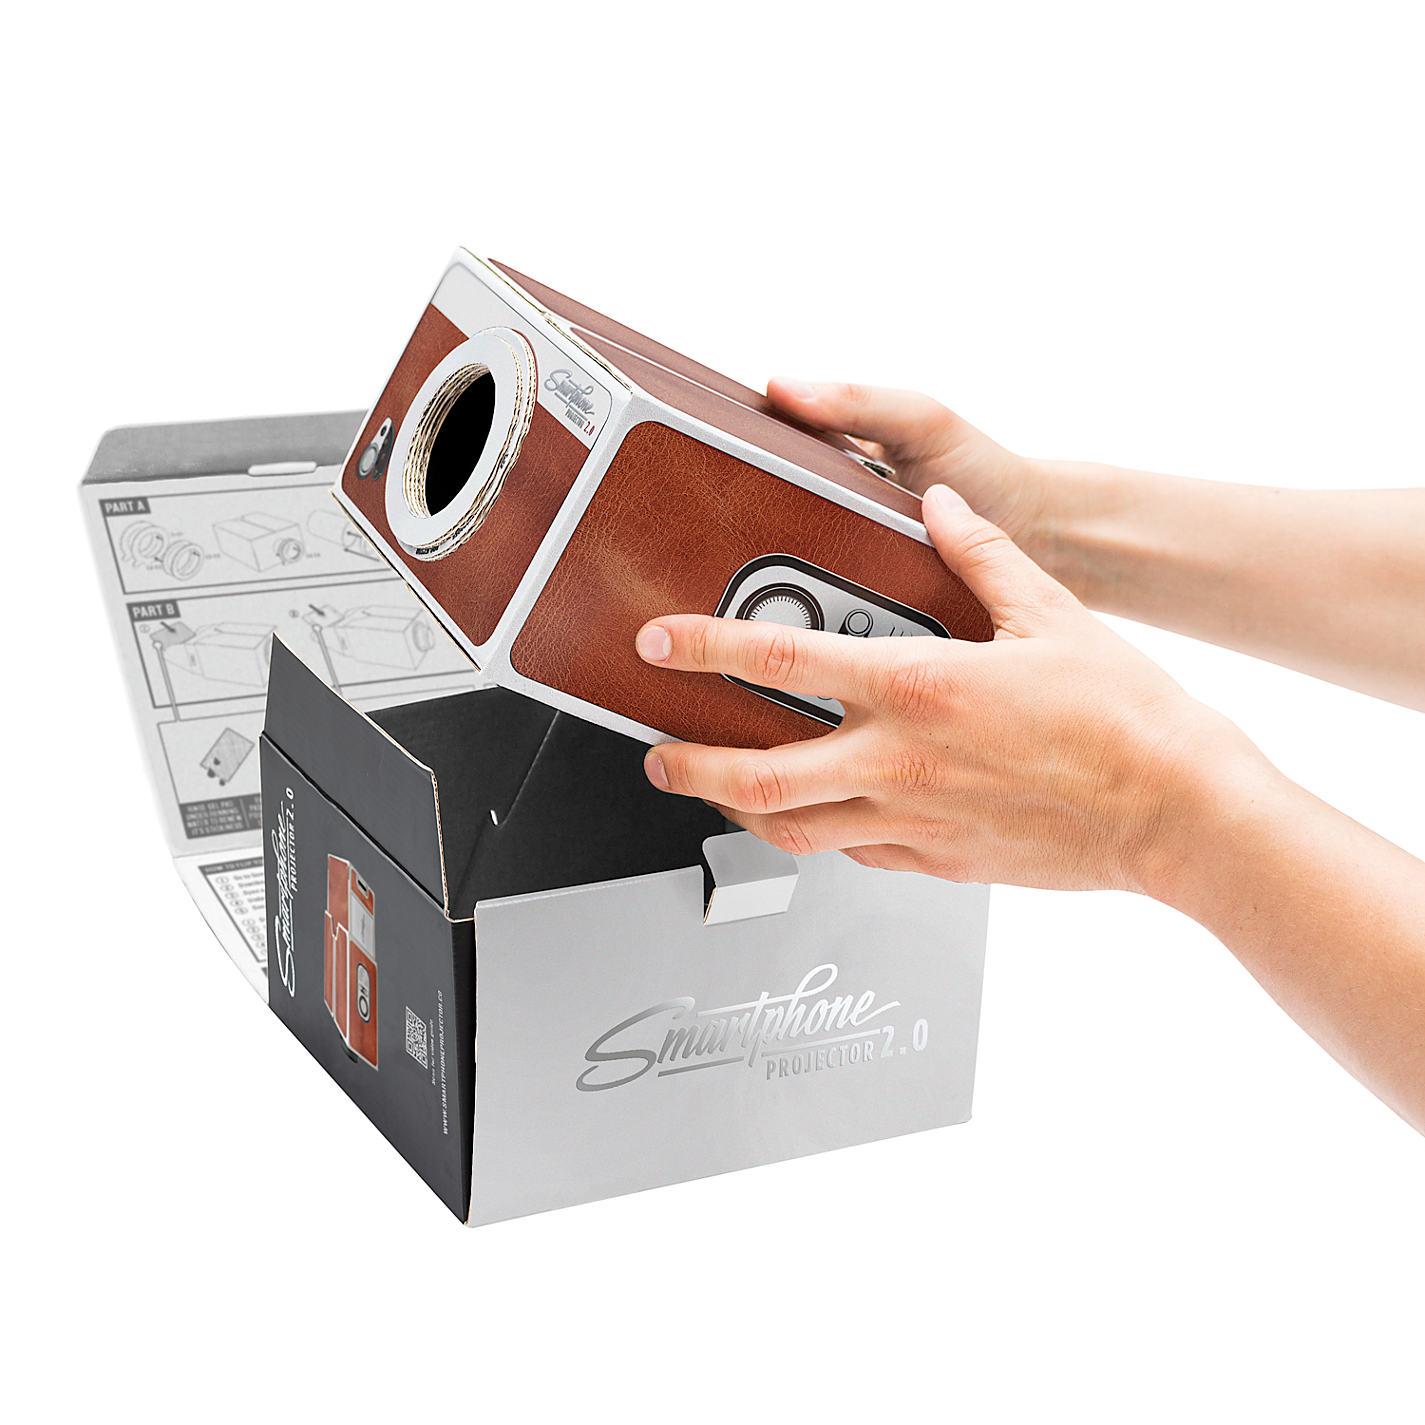 Как сделать проектор своими руками в домашних условиях из 77